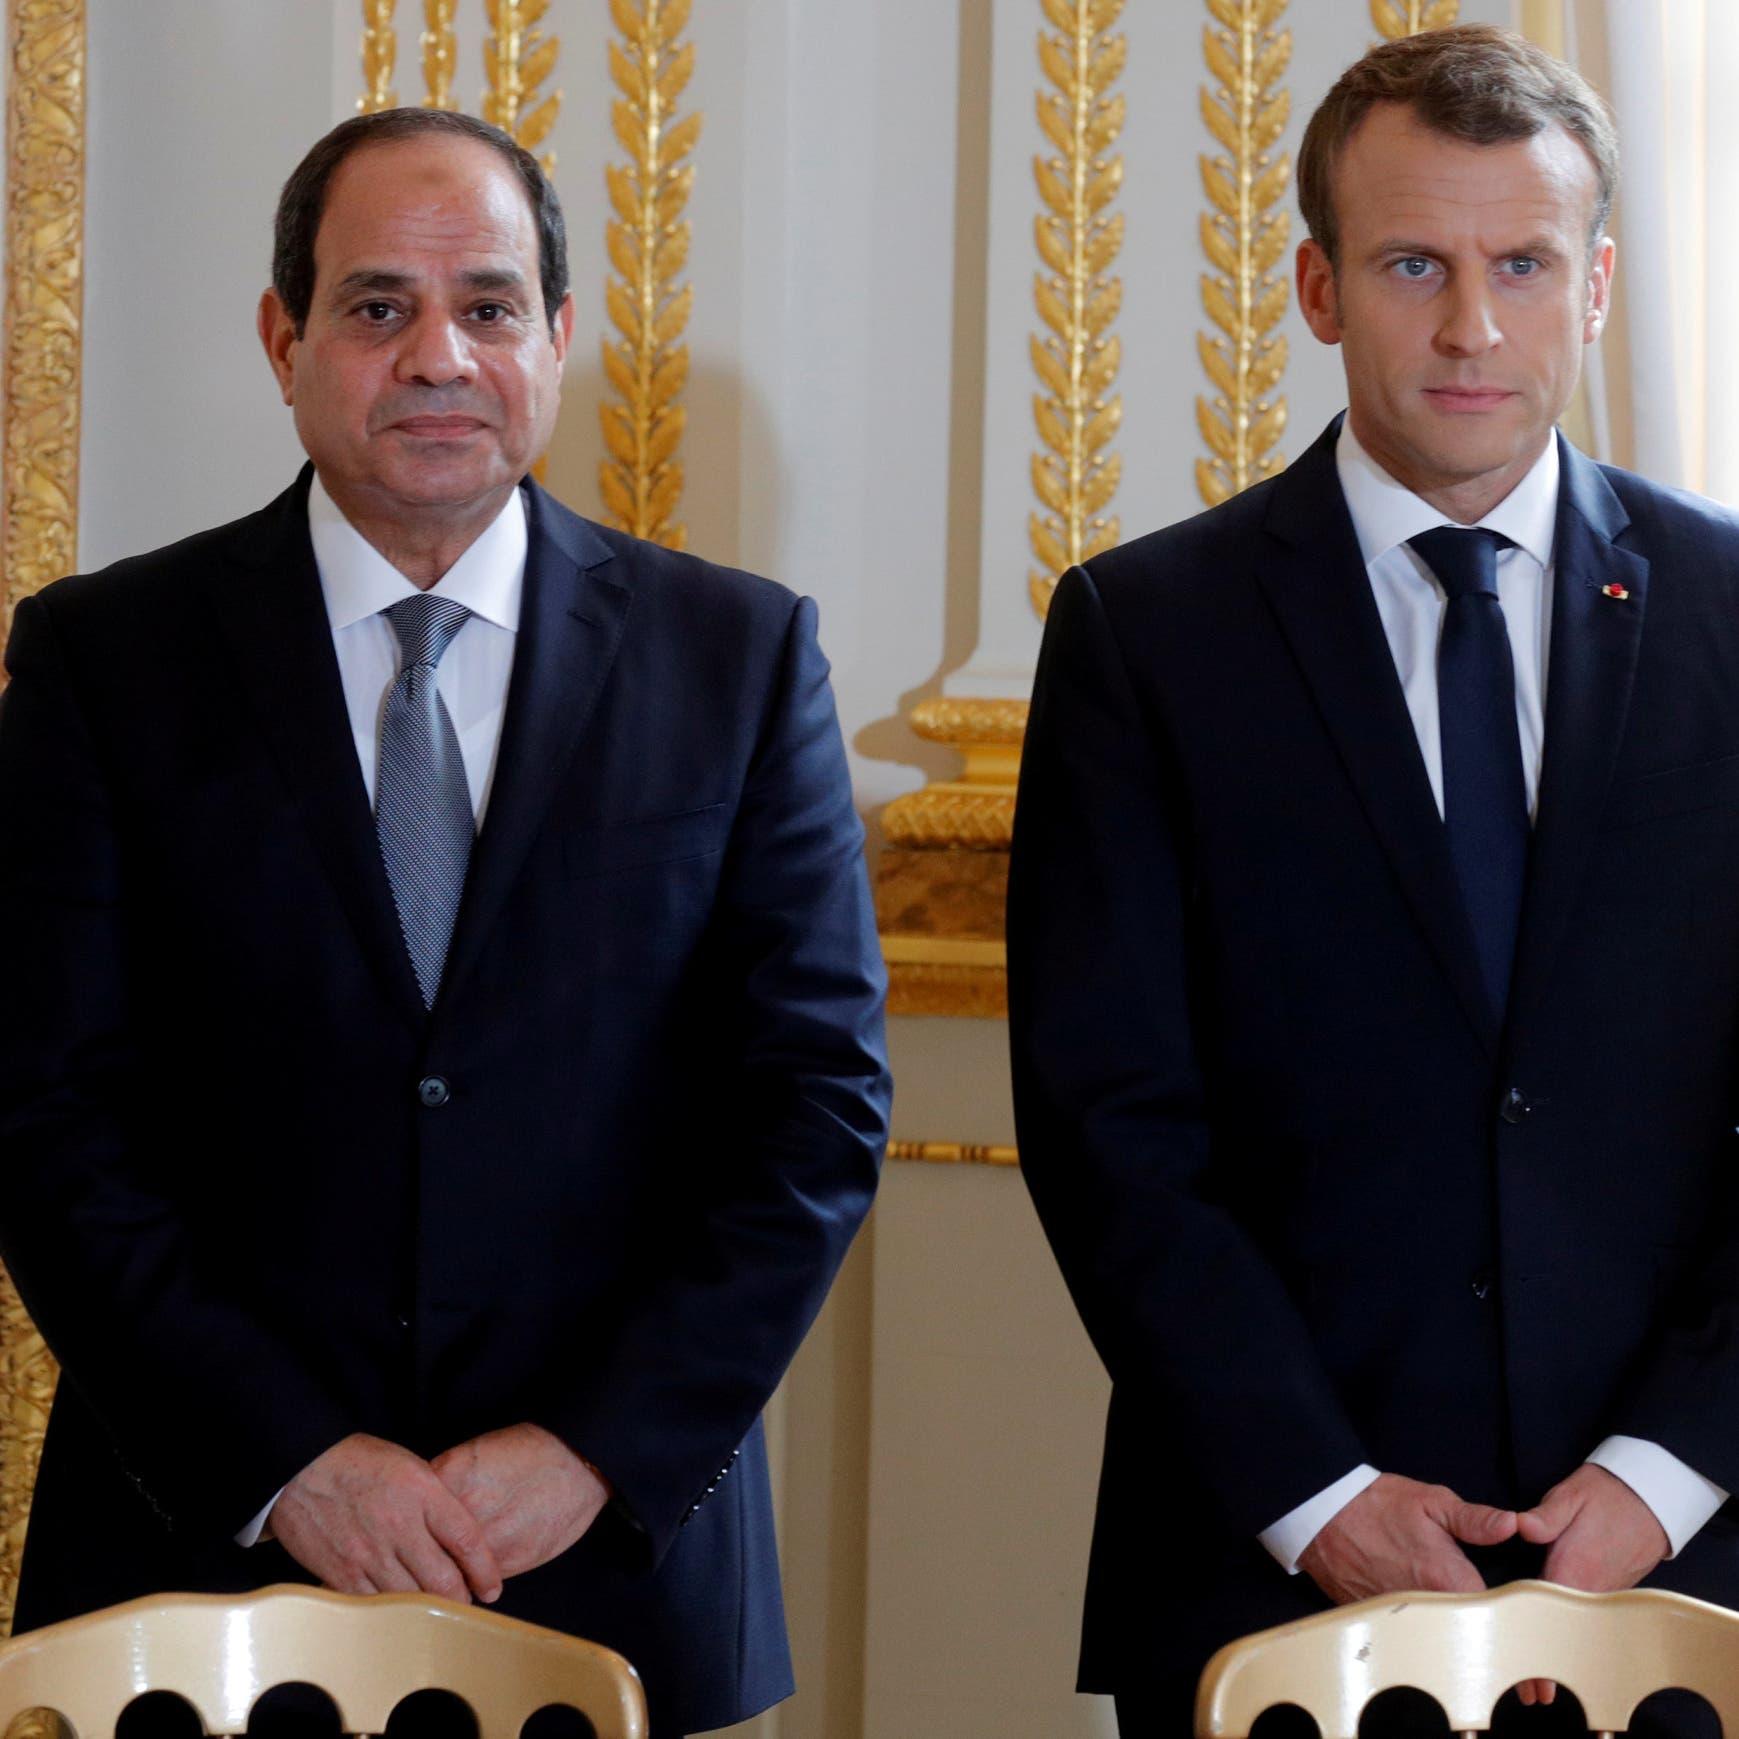 السيسي لماكرون: يجب إخراج كل المرتزقة من ليبيا